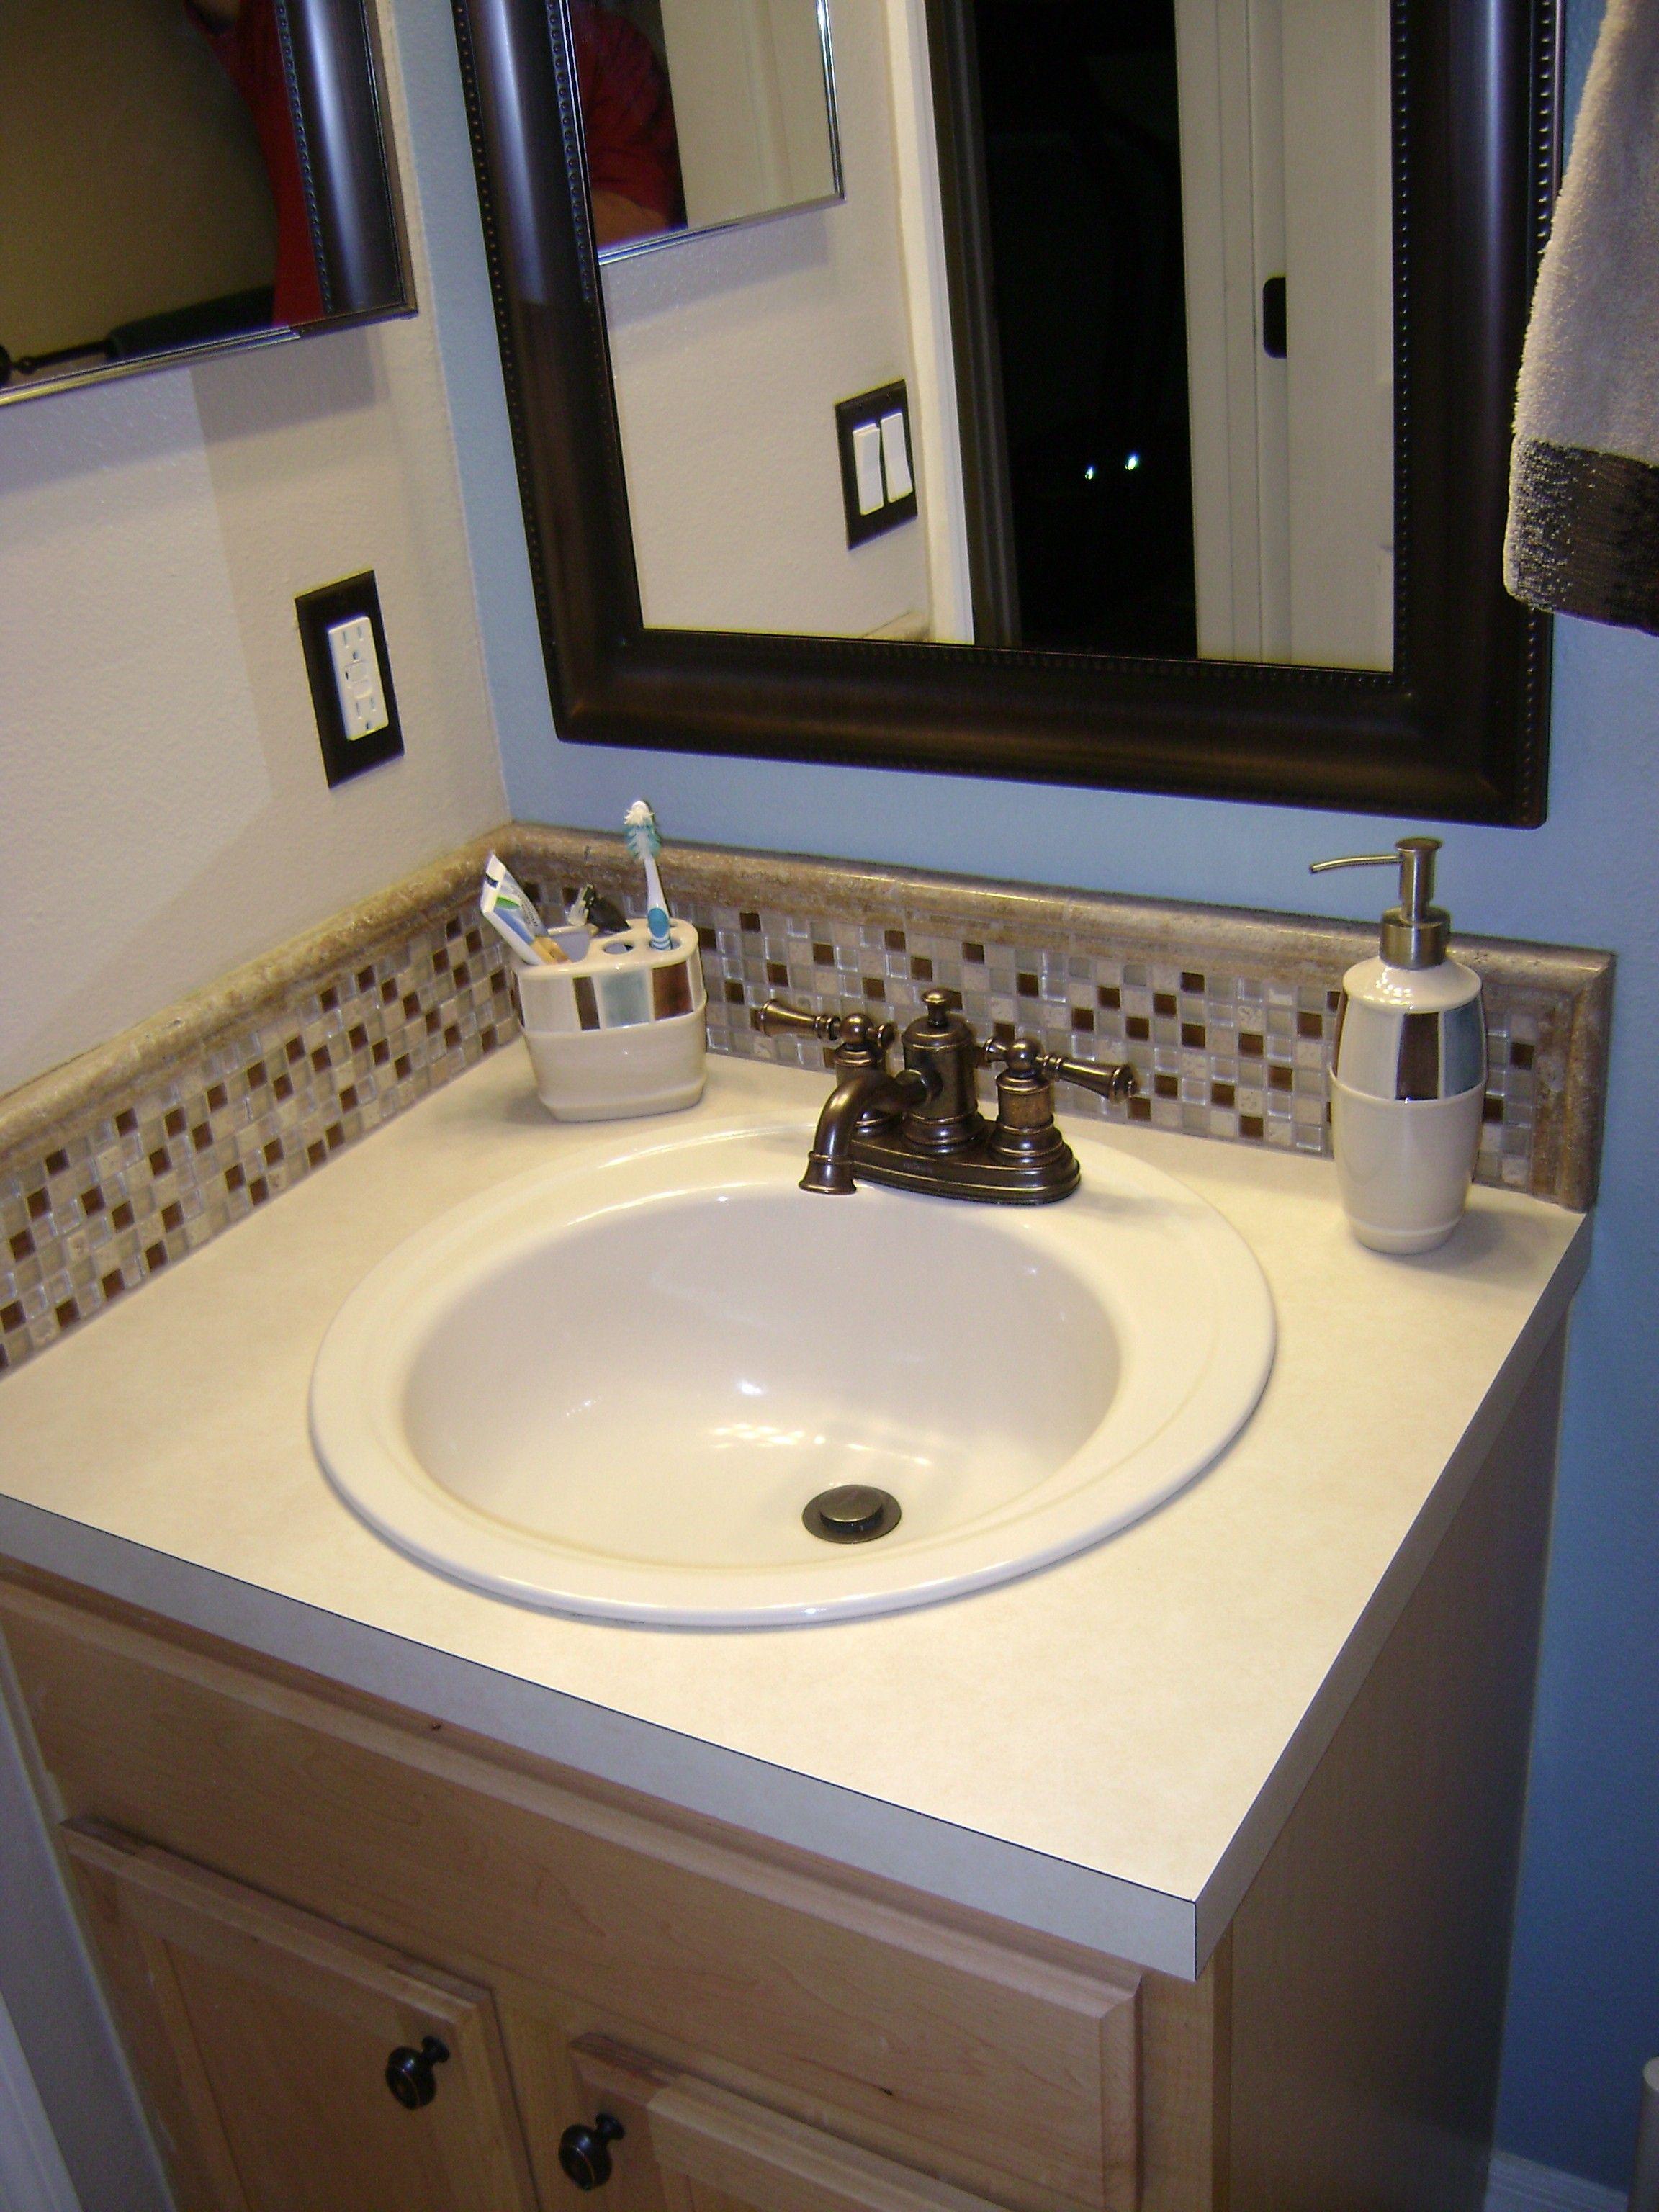 Backsplash Designs Edelstahl Backsplash Fliesen Mosaik Kuche Wandfliesen Waschbecken Backspla Badezimmer Mit Mosaik Fliesen Badezimmerspiegel Badezimmer Klein